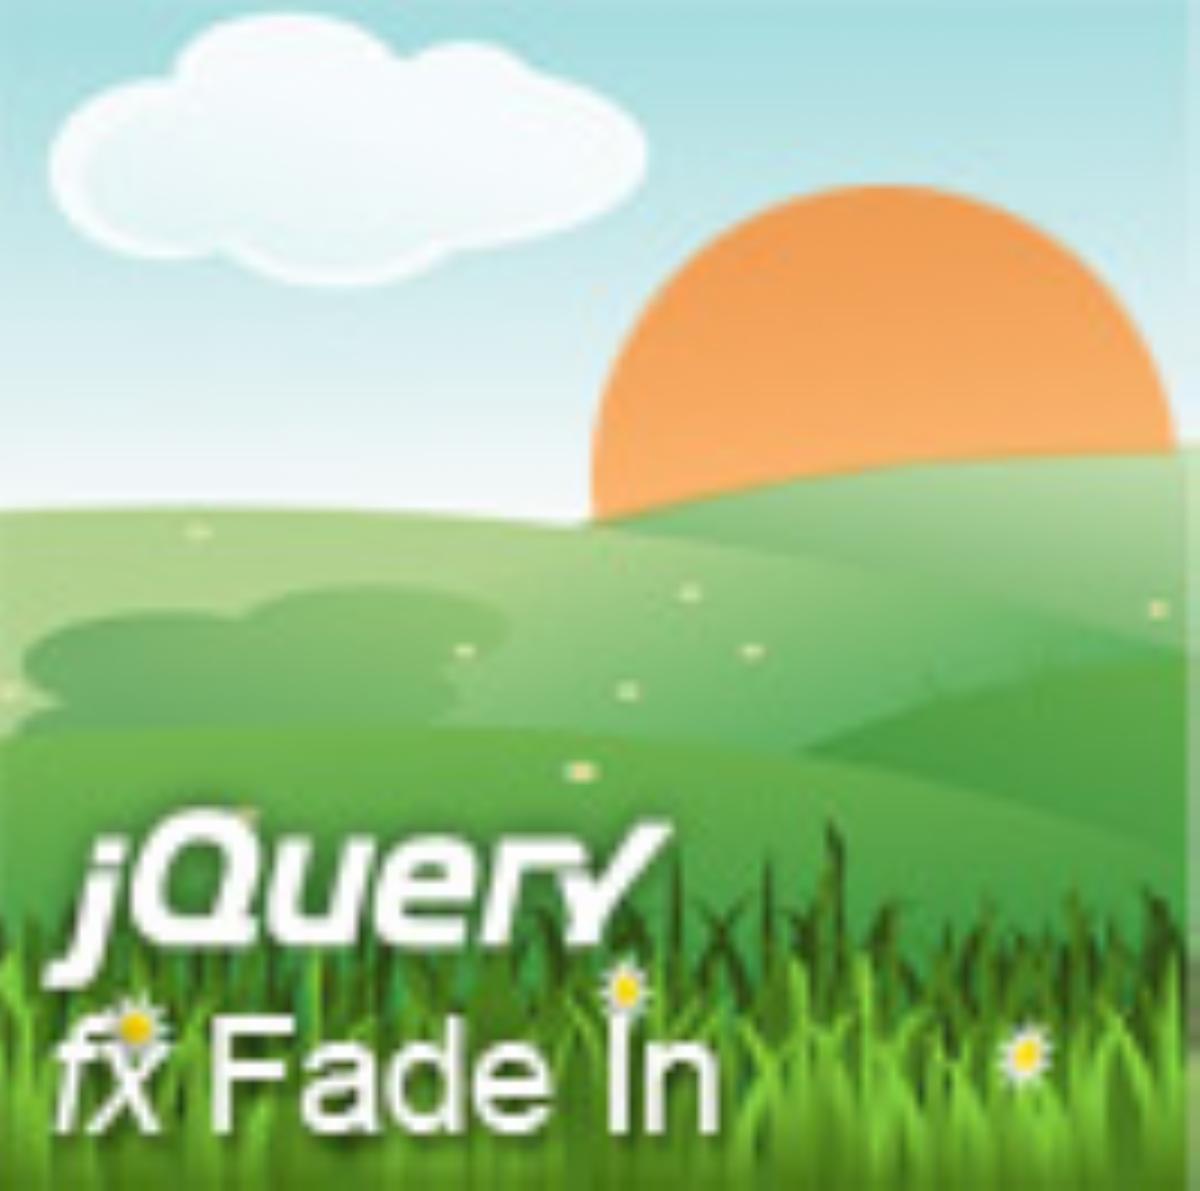 JQuery fx Fade In